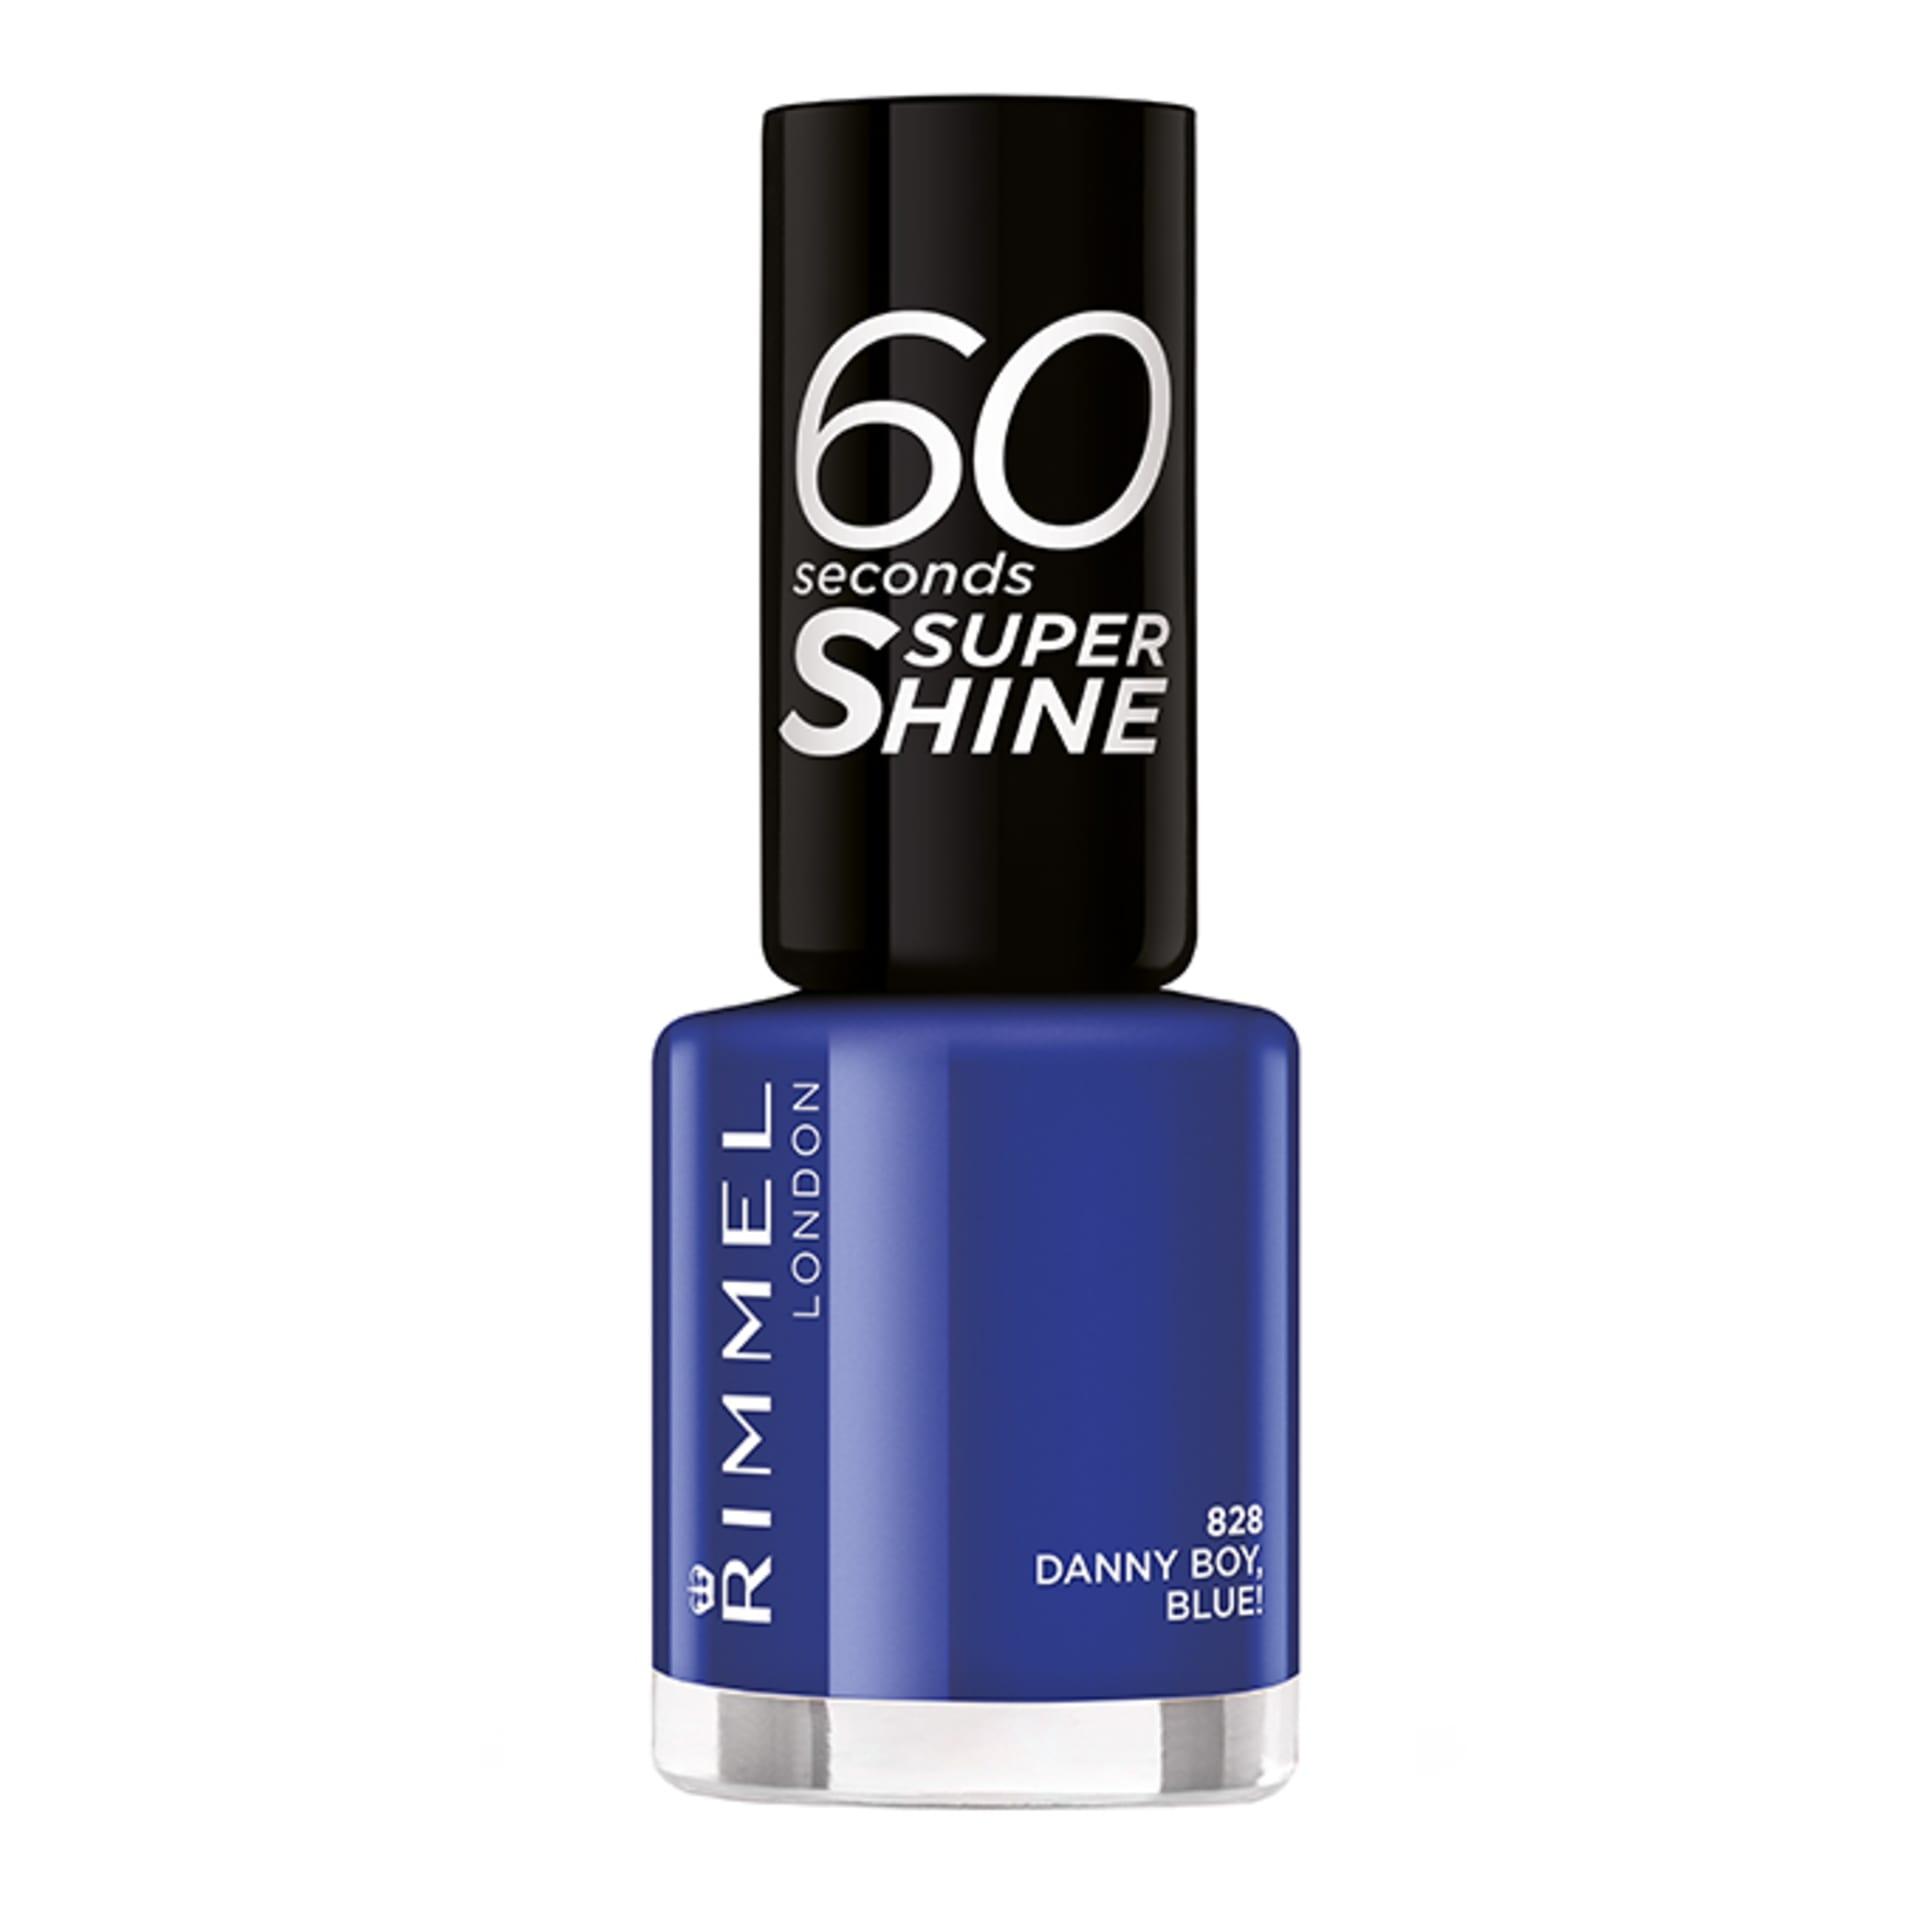 60 Seconds Super Shine | Shiny Nail Polish | Rimmel London